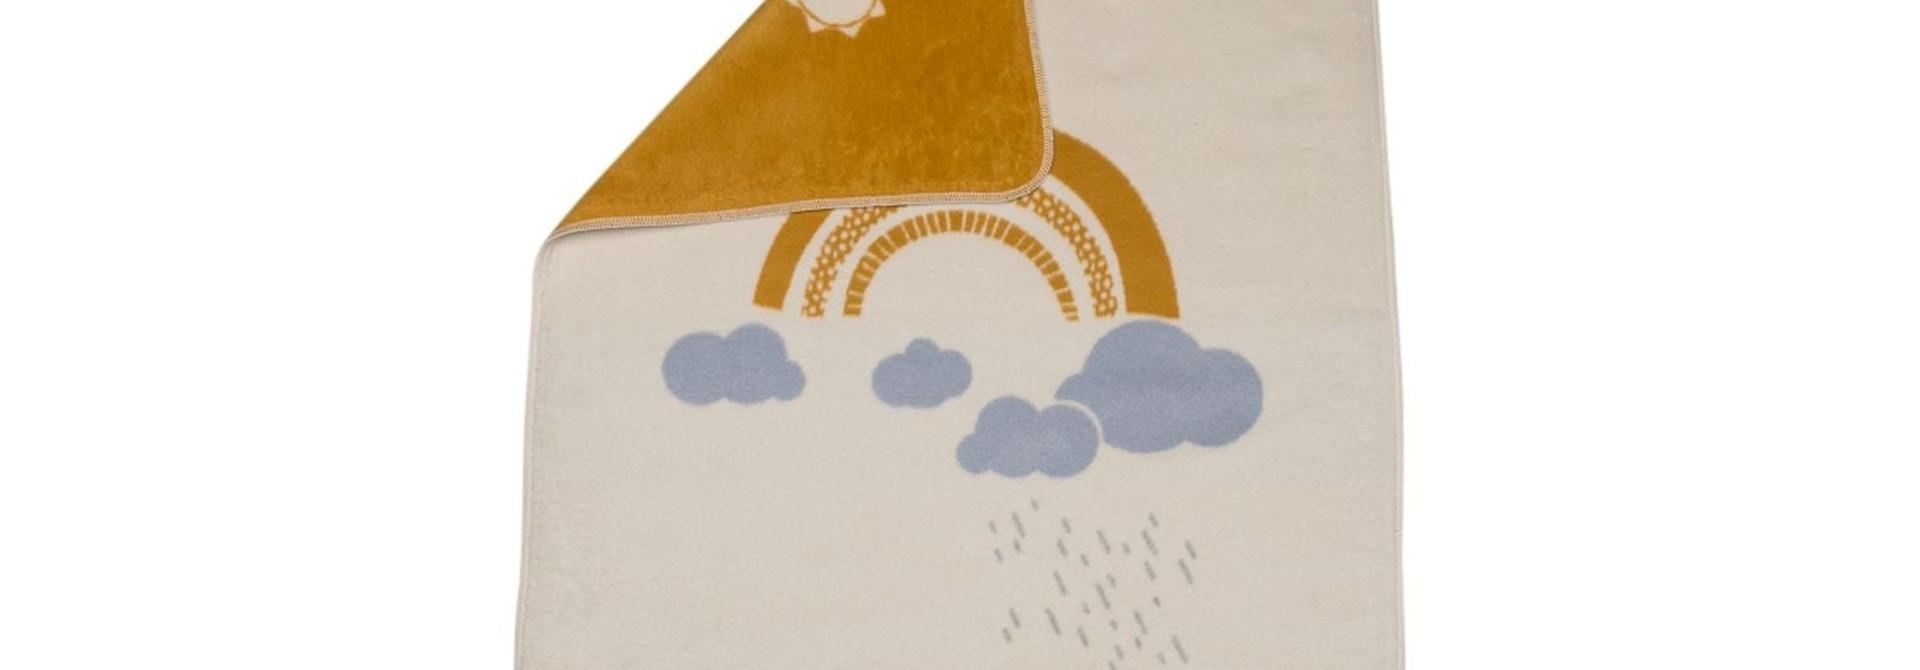 Blanket - Fleece - Clouds